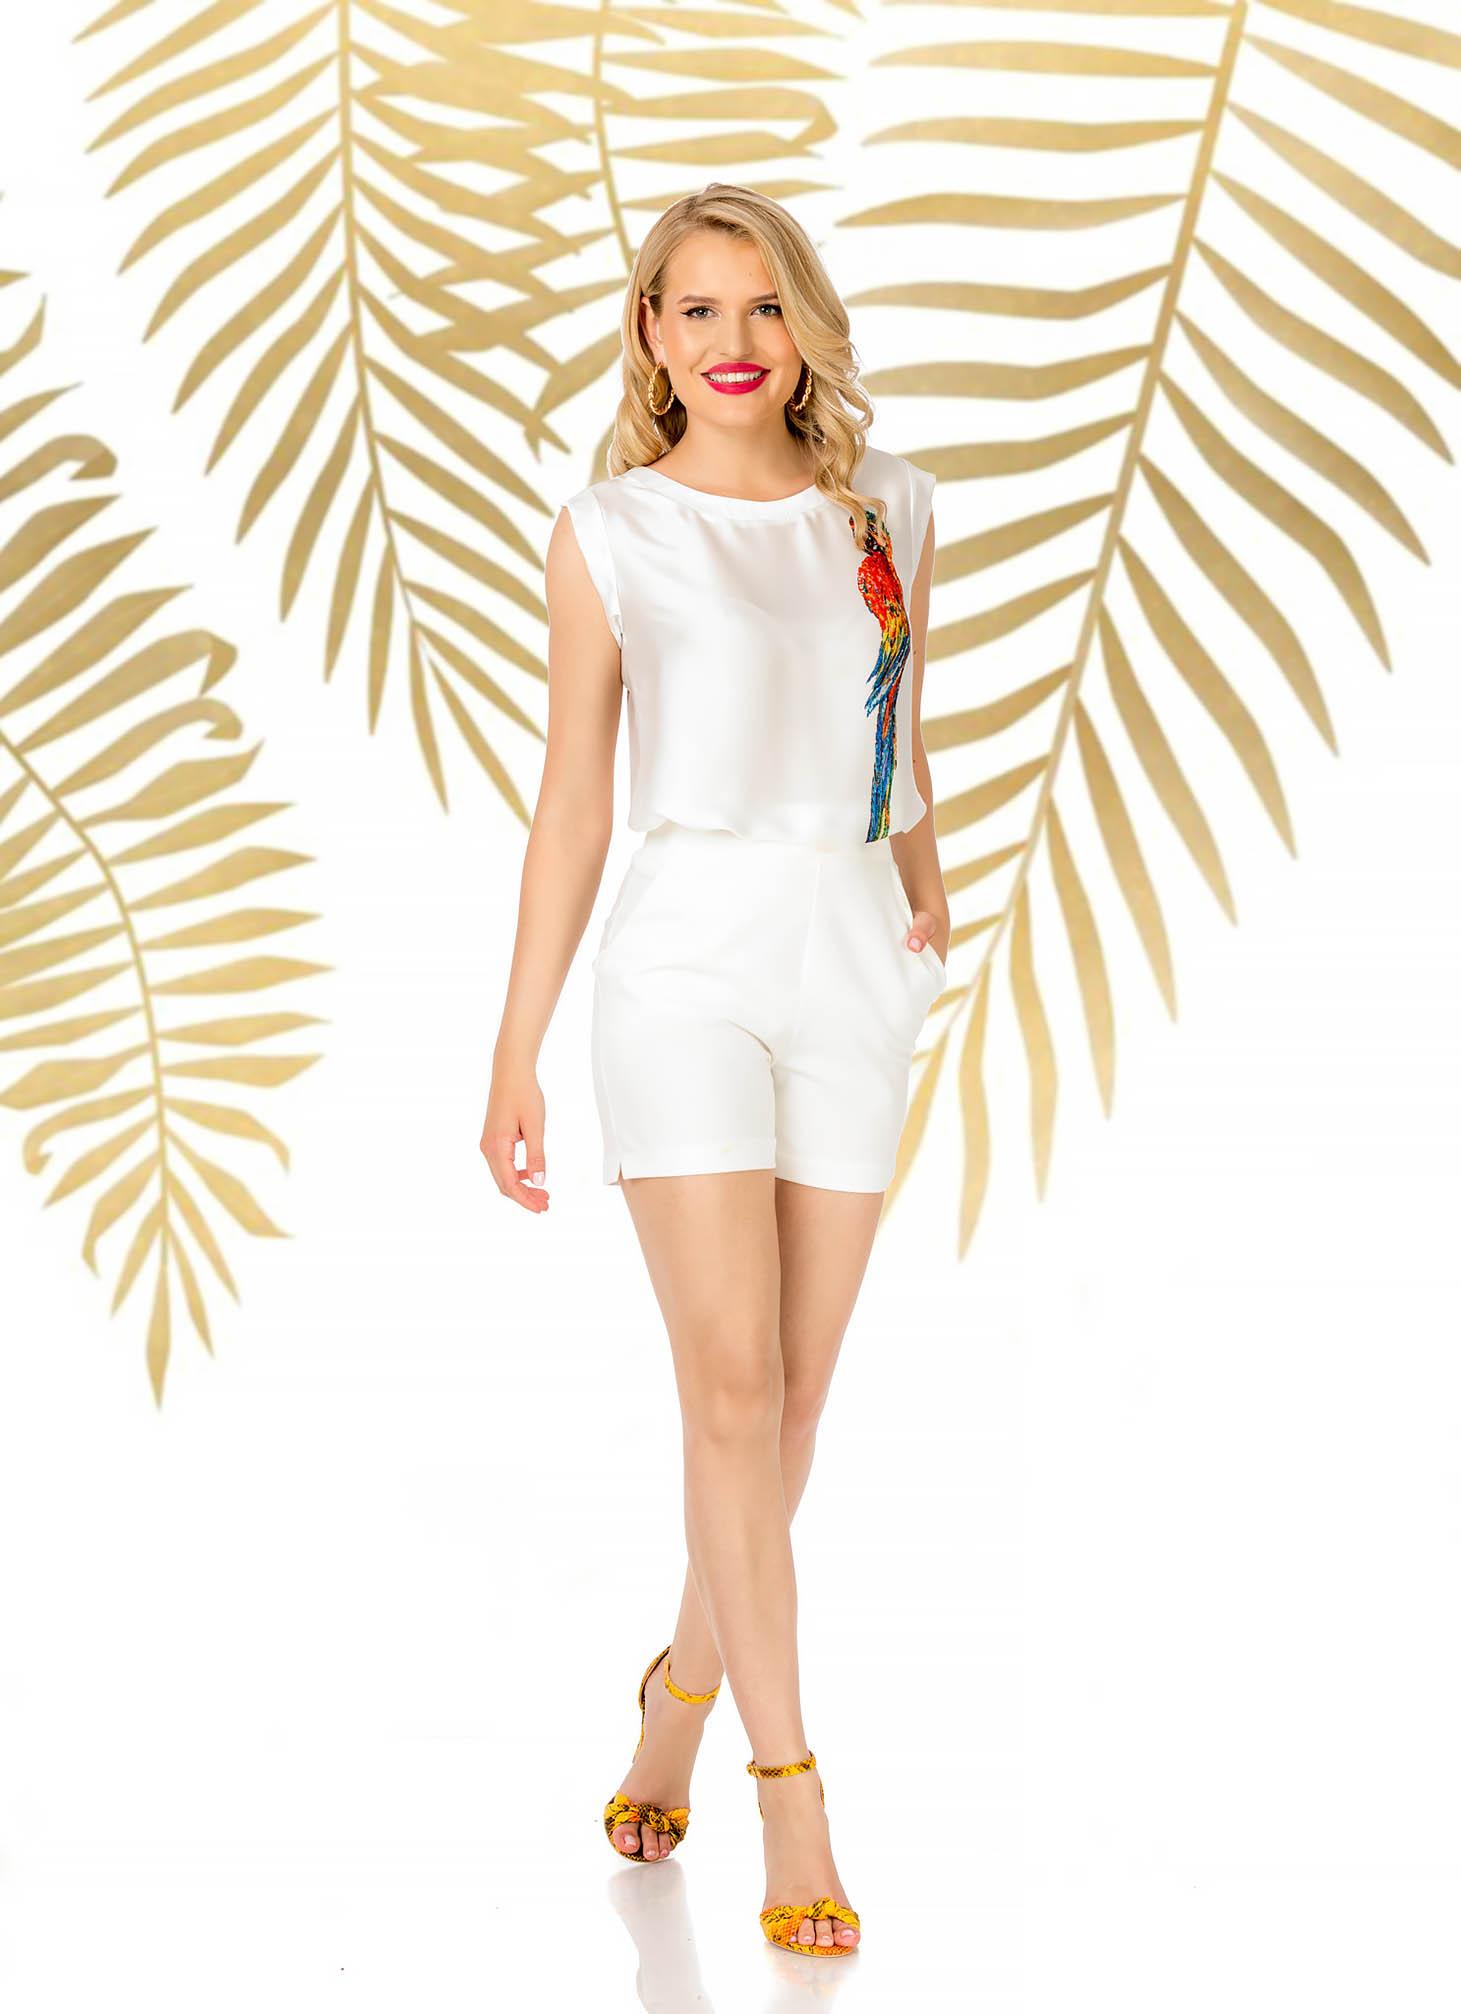 Fehér elegáns magas derekú rövidnadrág szűk szabású zsebekkel